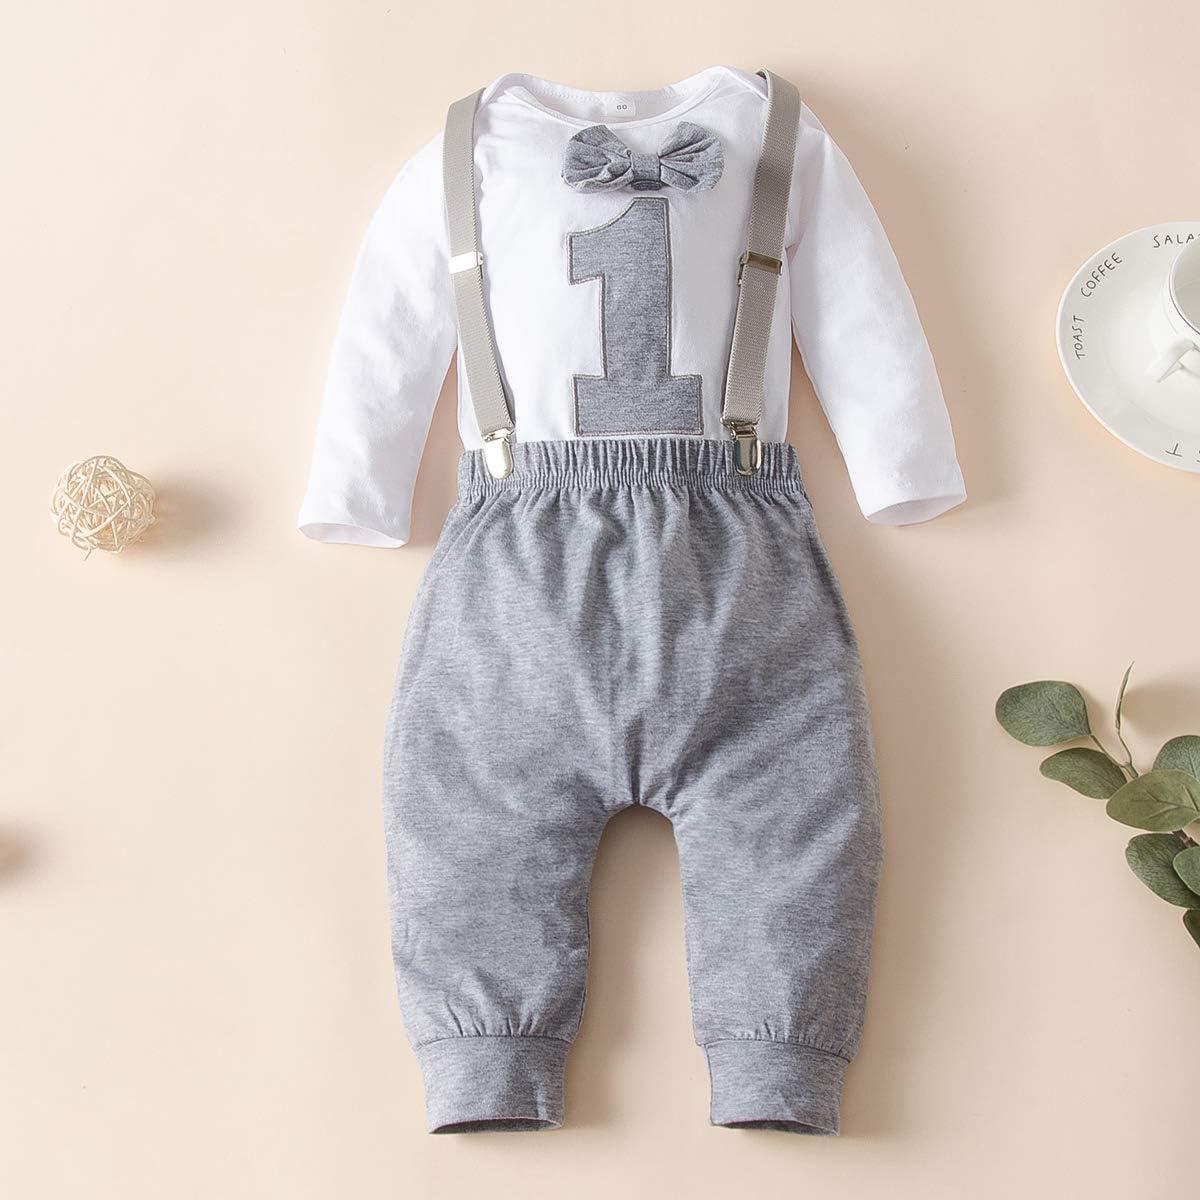 Chennie Baby Boy First Birthday Vestiti manica lunga Papillon pagliaccetto reggicalze pantaloni vestiti set